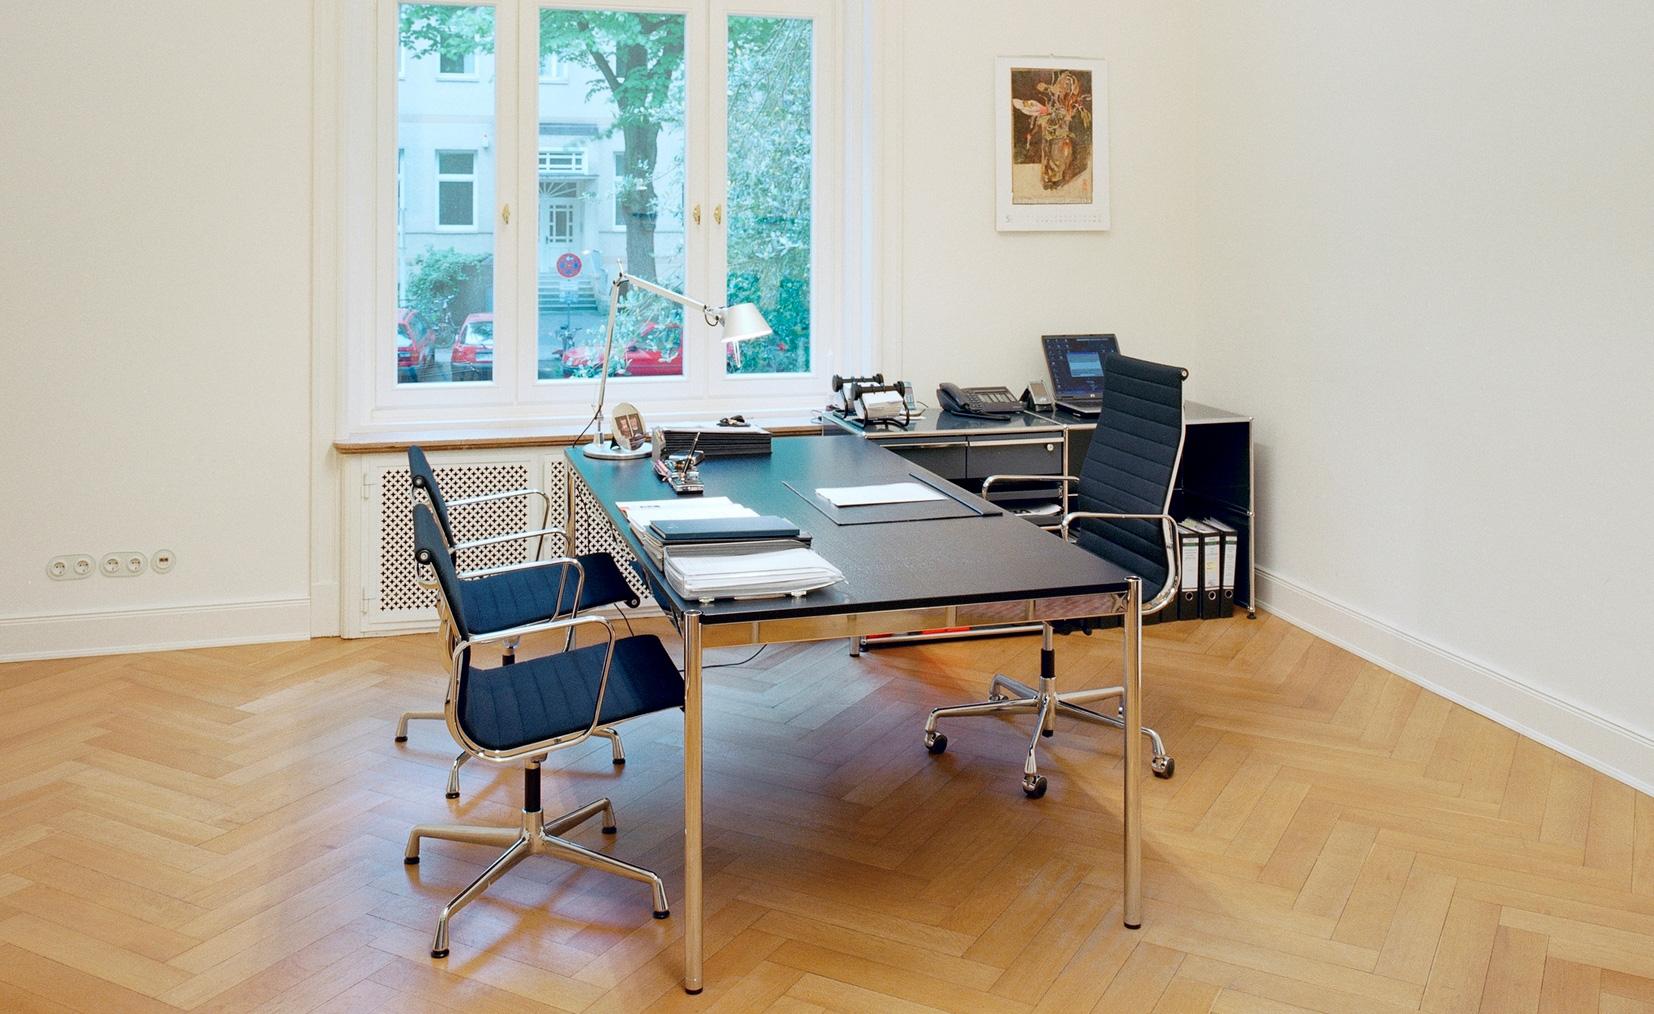 Wohnzimmer Mit Schreibtisch Einrichten | Arbeitszimmer Einrichten ...